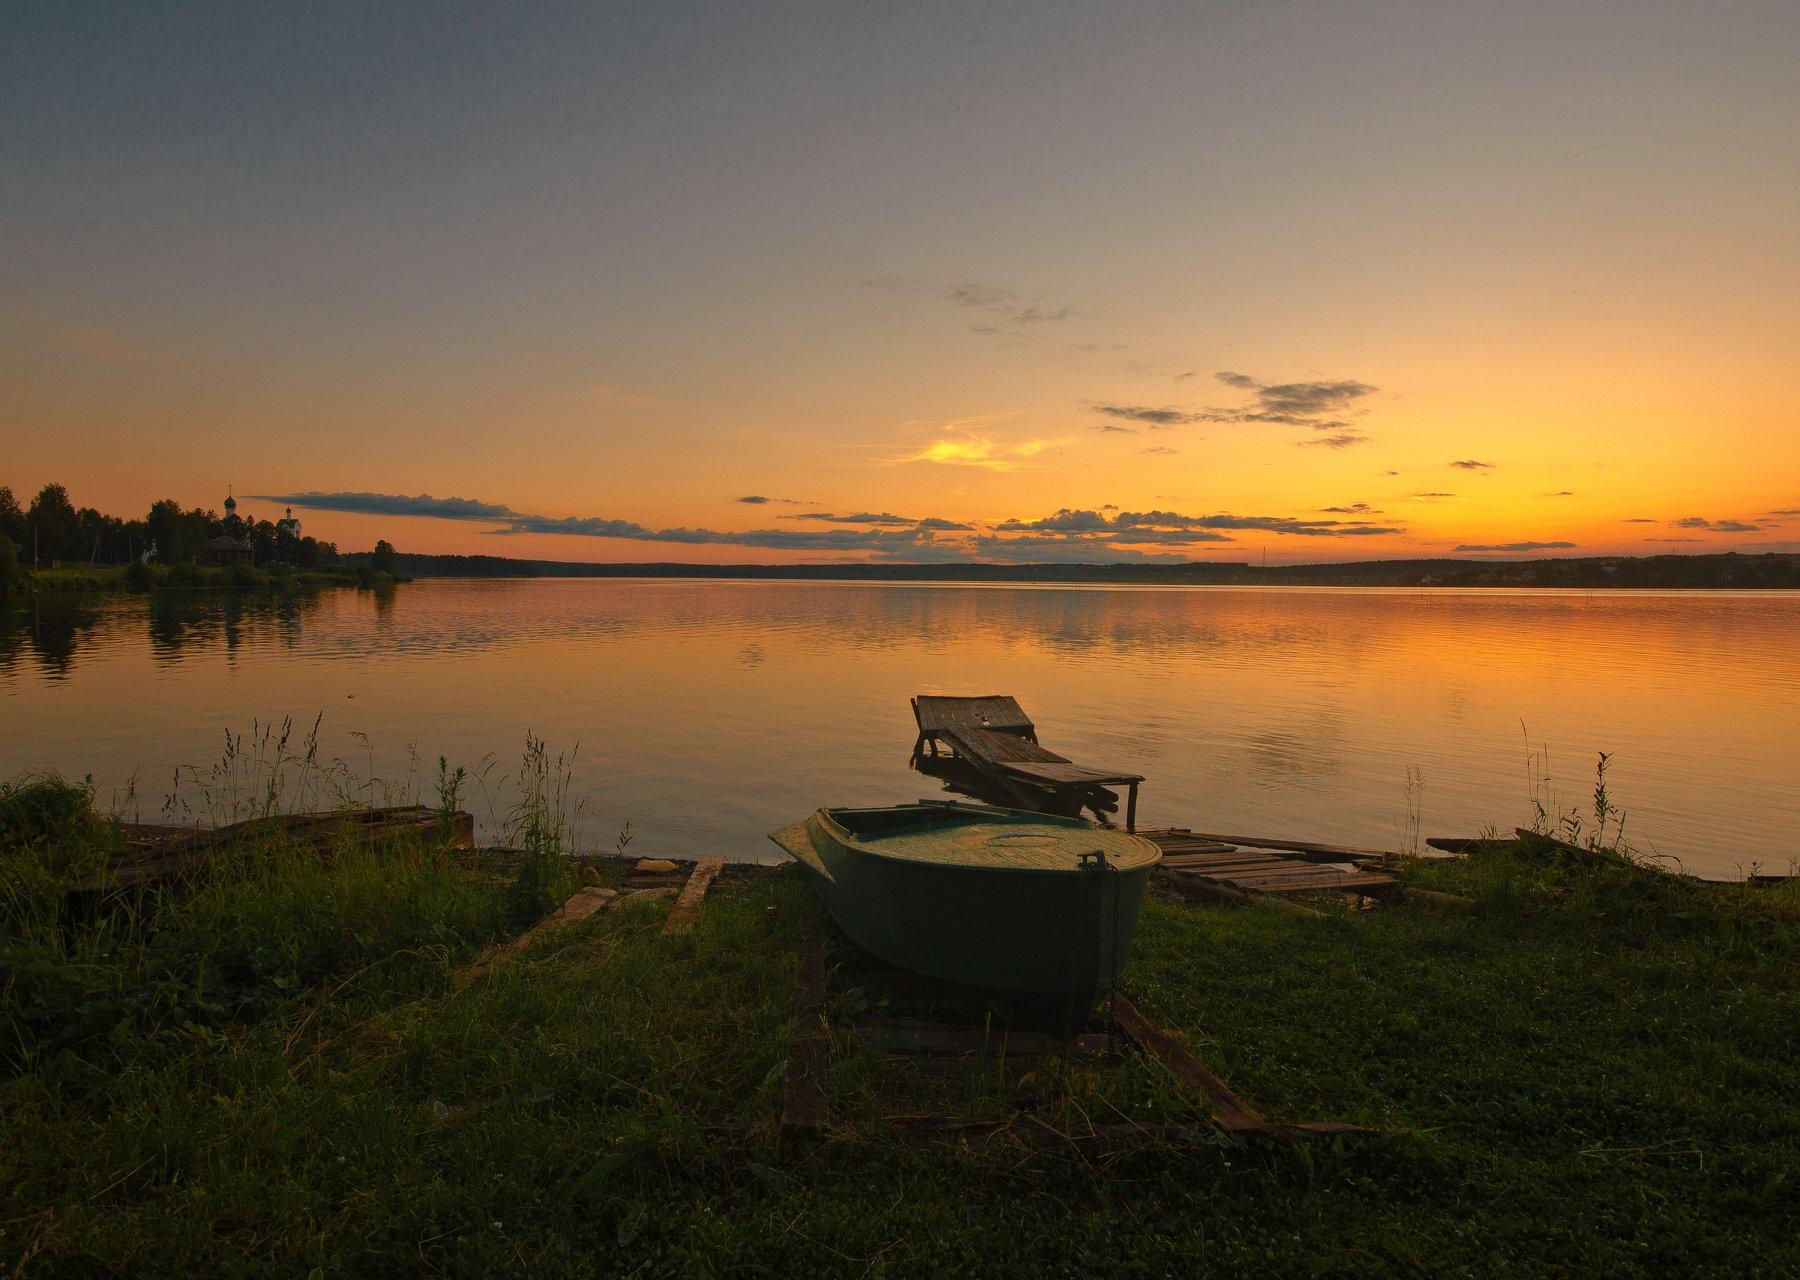 закат,лето,провинция, Карепанов Евгений